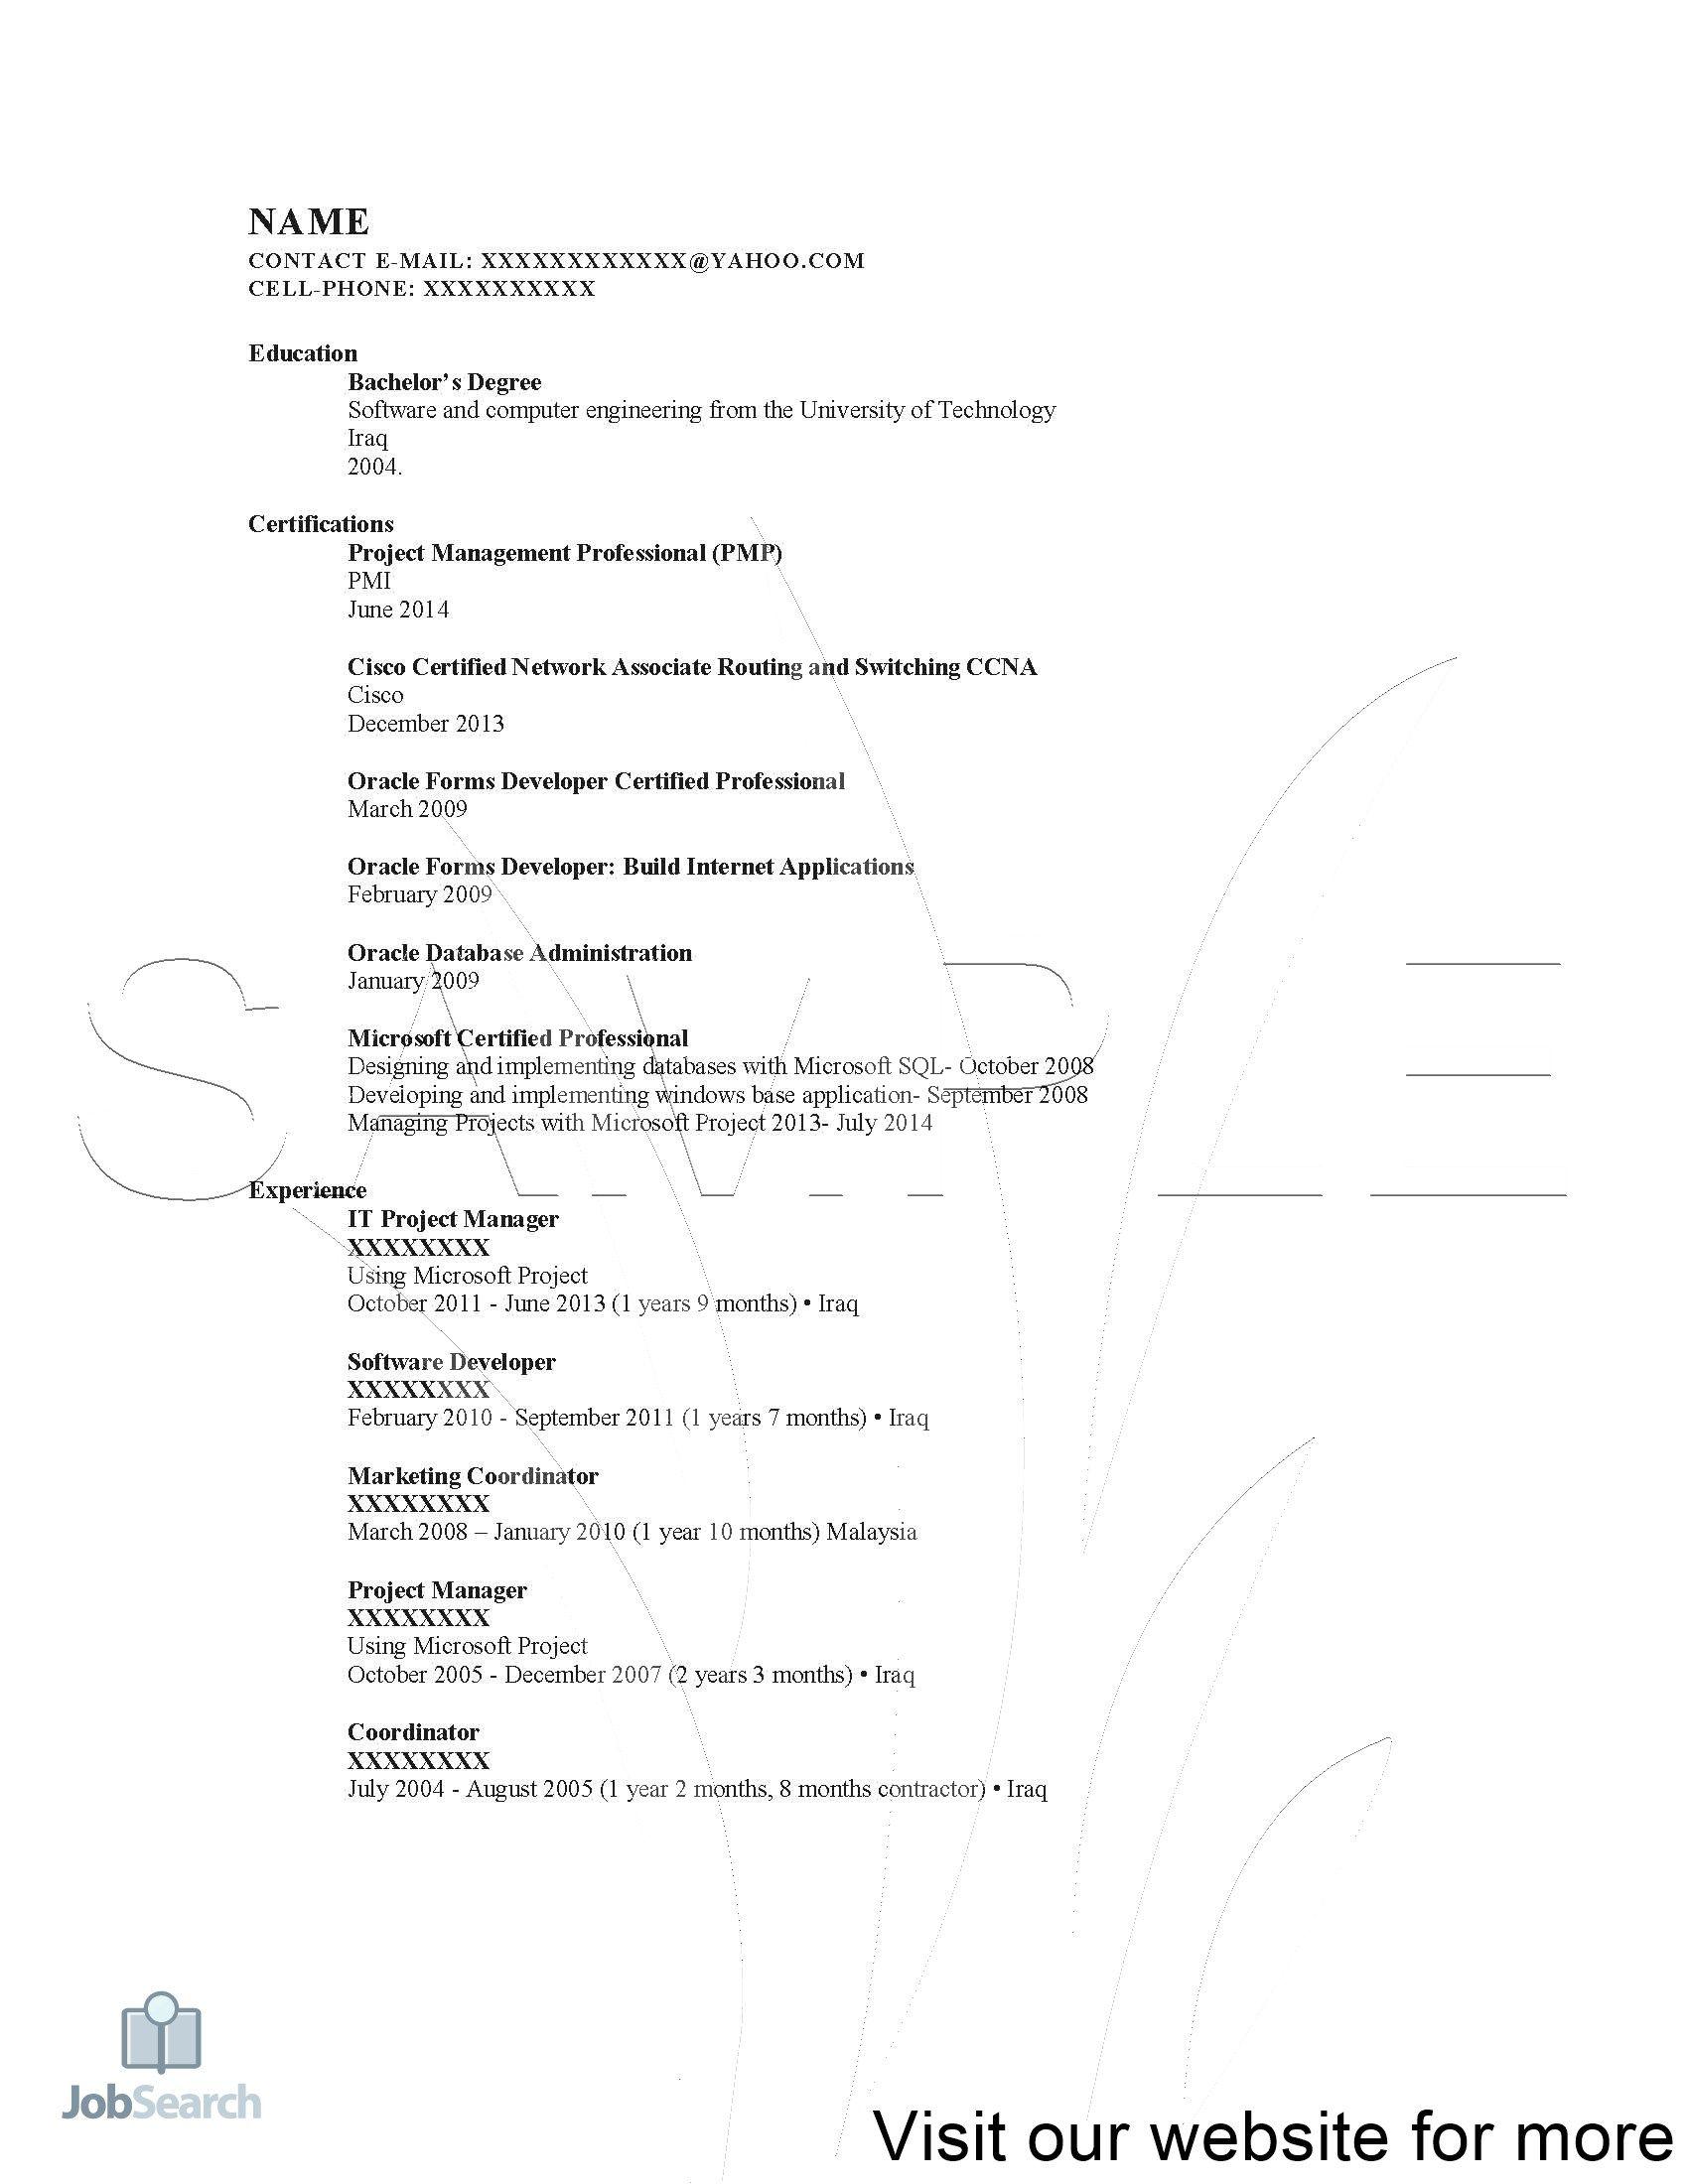 resume design template creative in 2020 Resume design